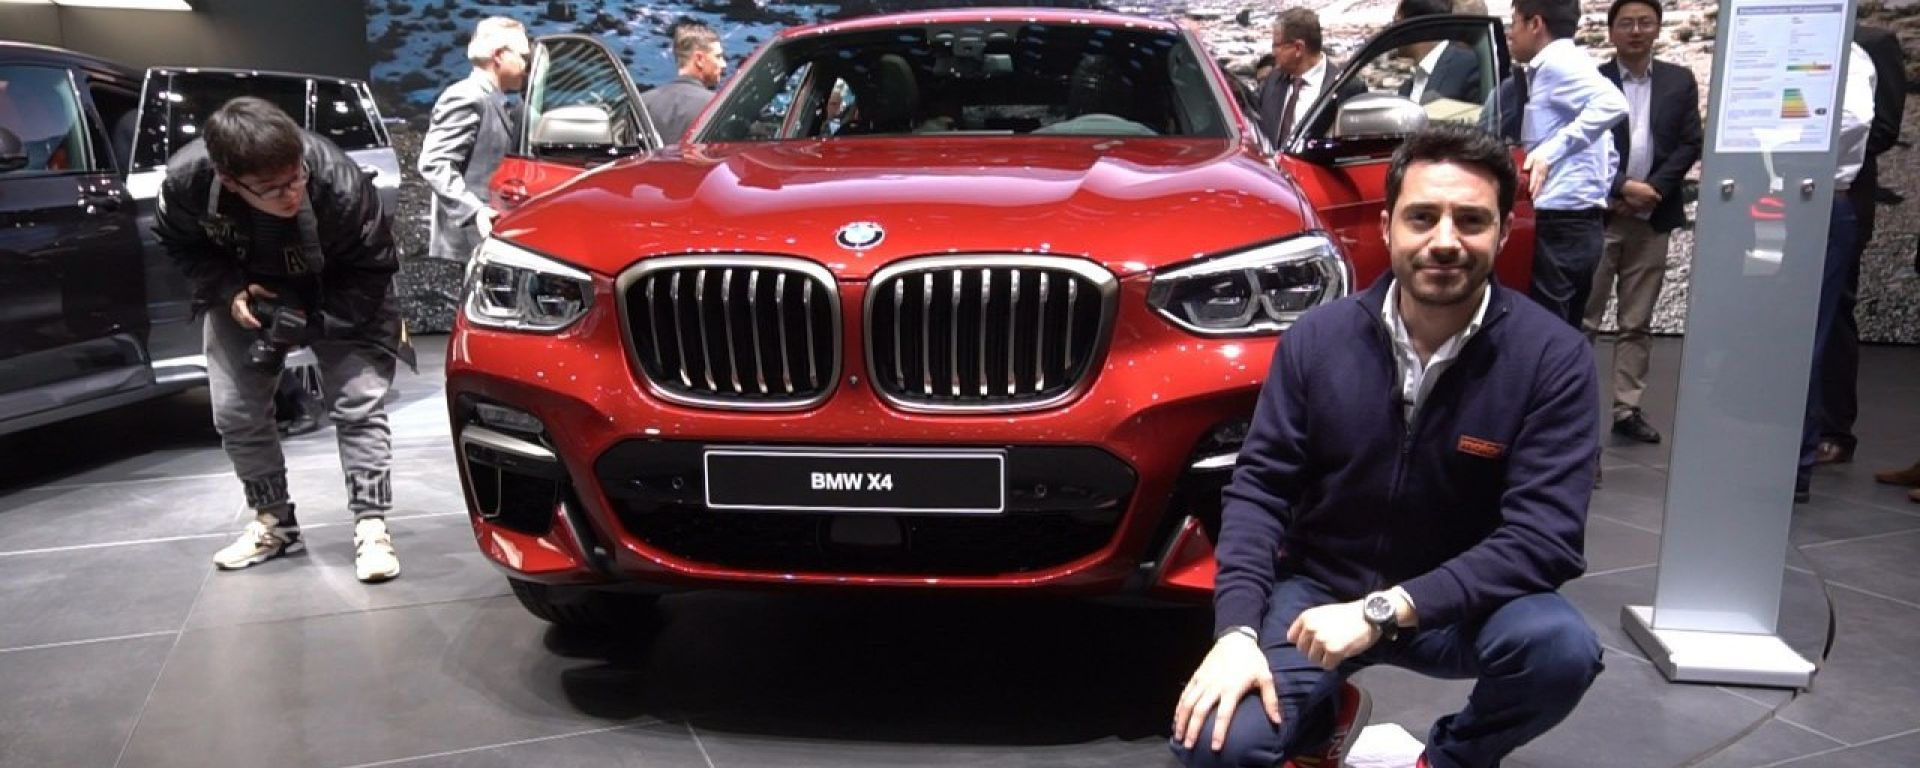 Nuova BMW X4 Coupé, Live Salone di Ginevra 2018